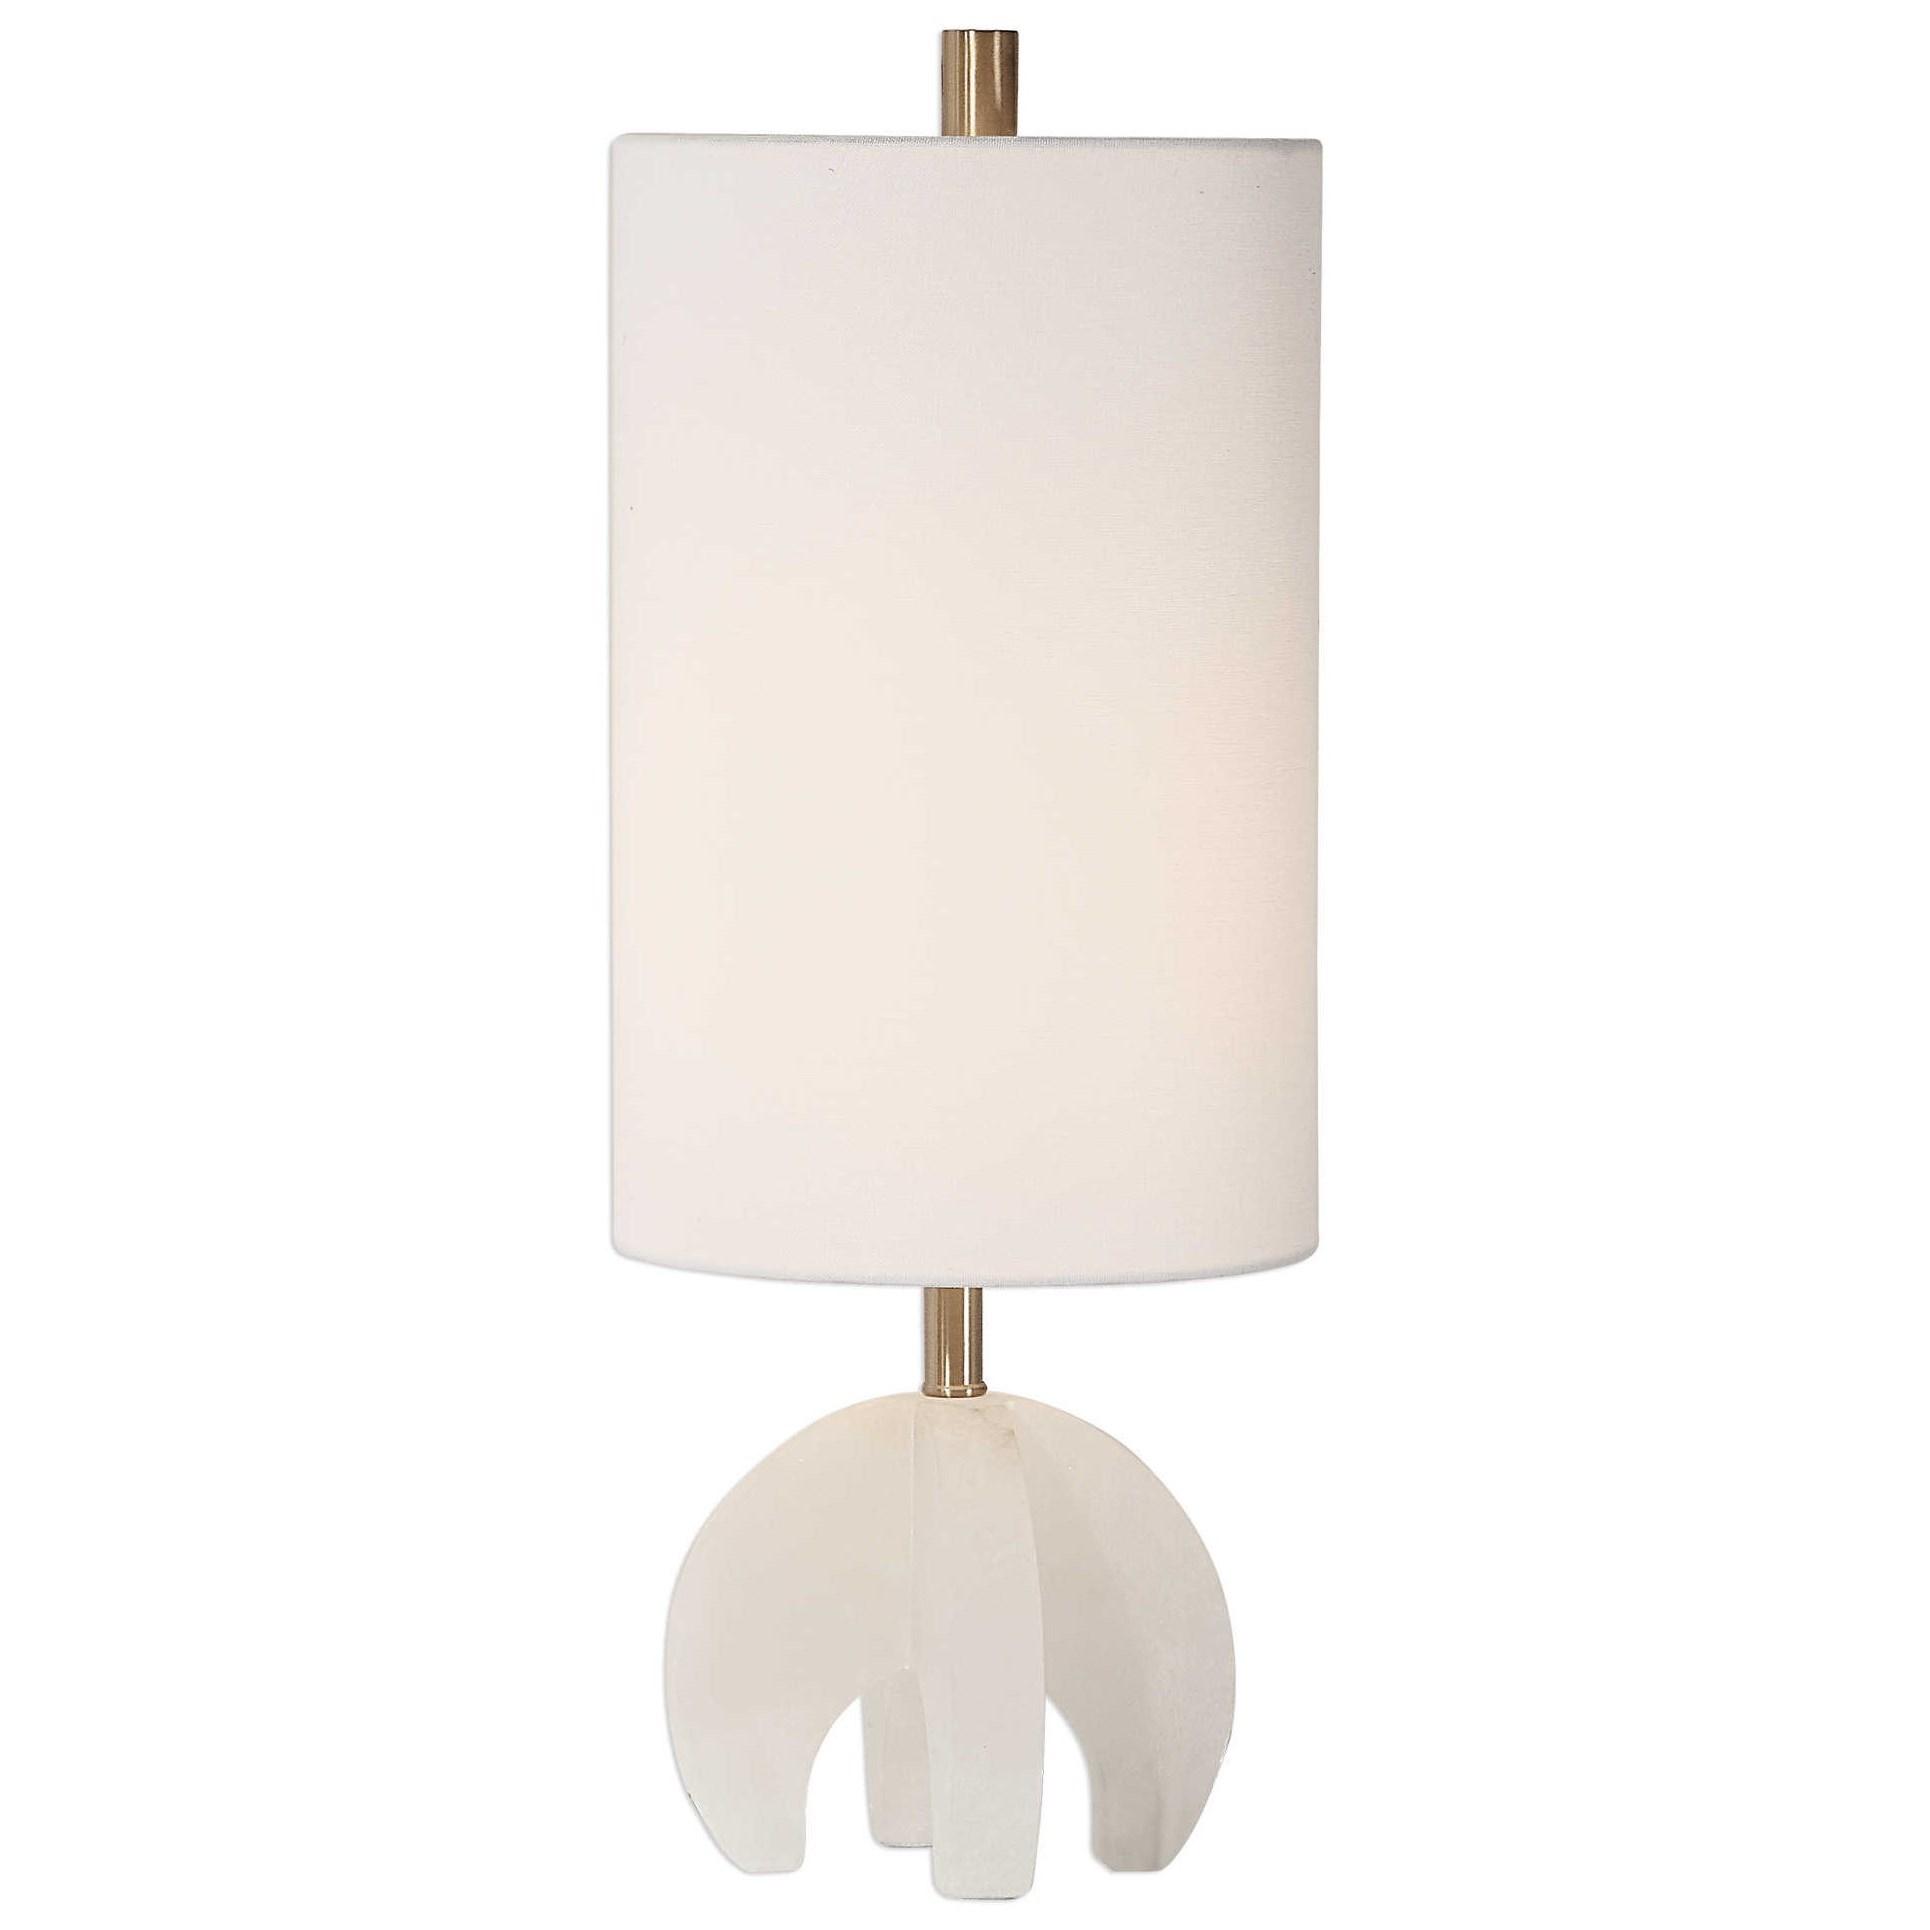 Alanea White Accent Lamp